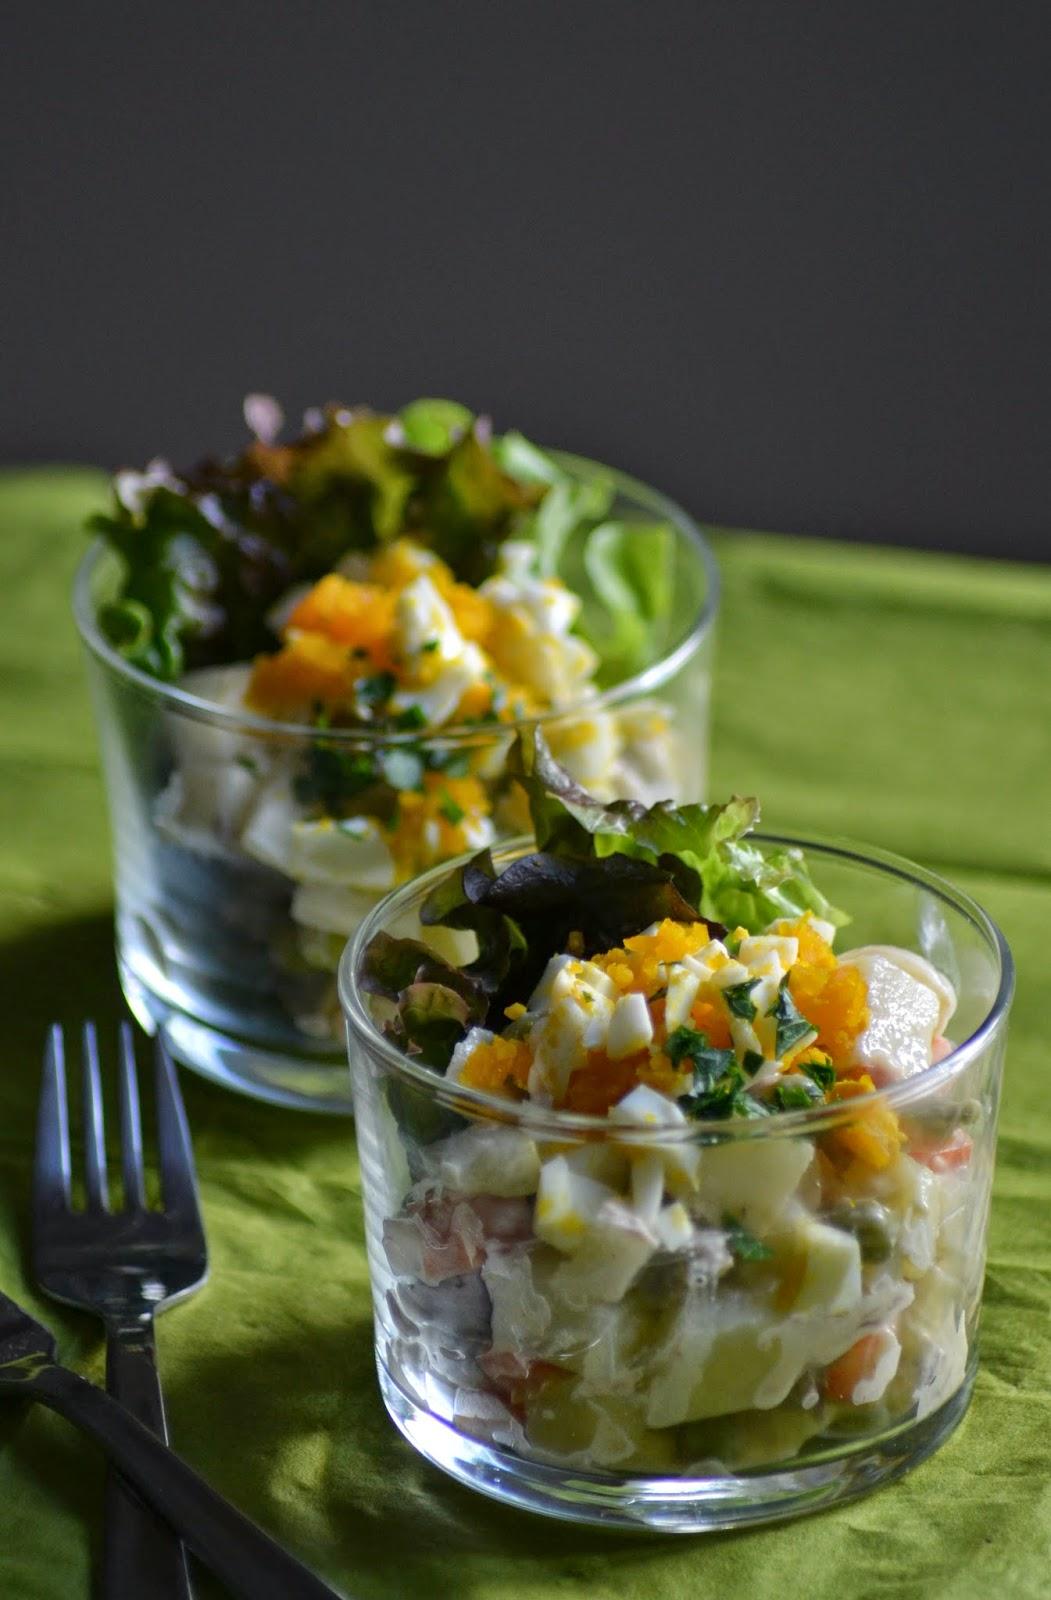 huisgemaakte huzarensalade in een glaasje